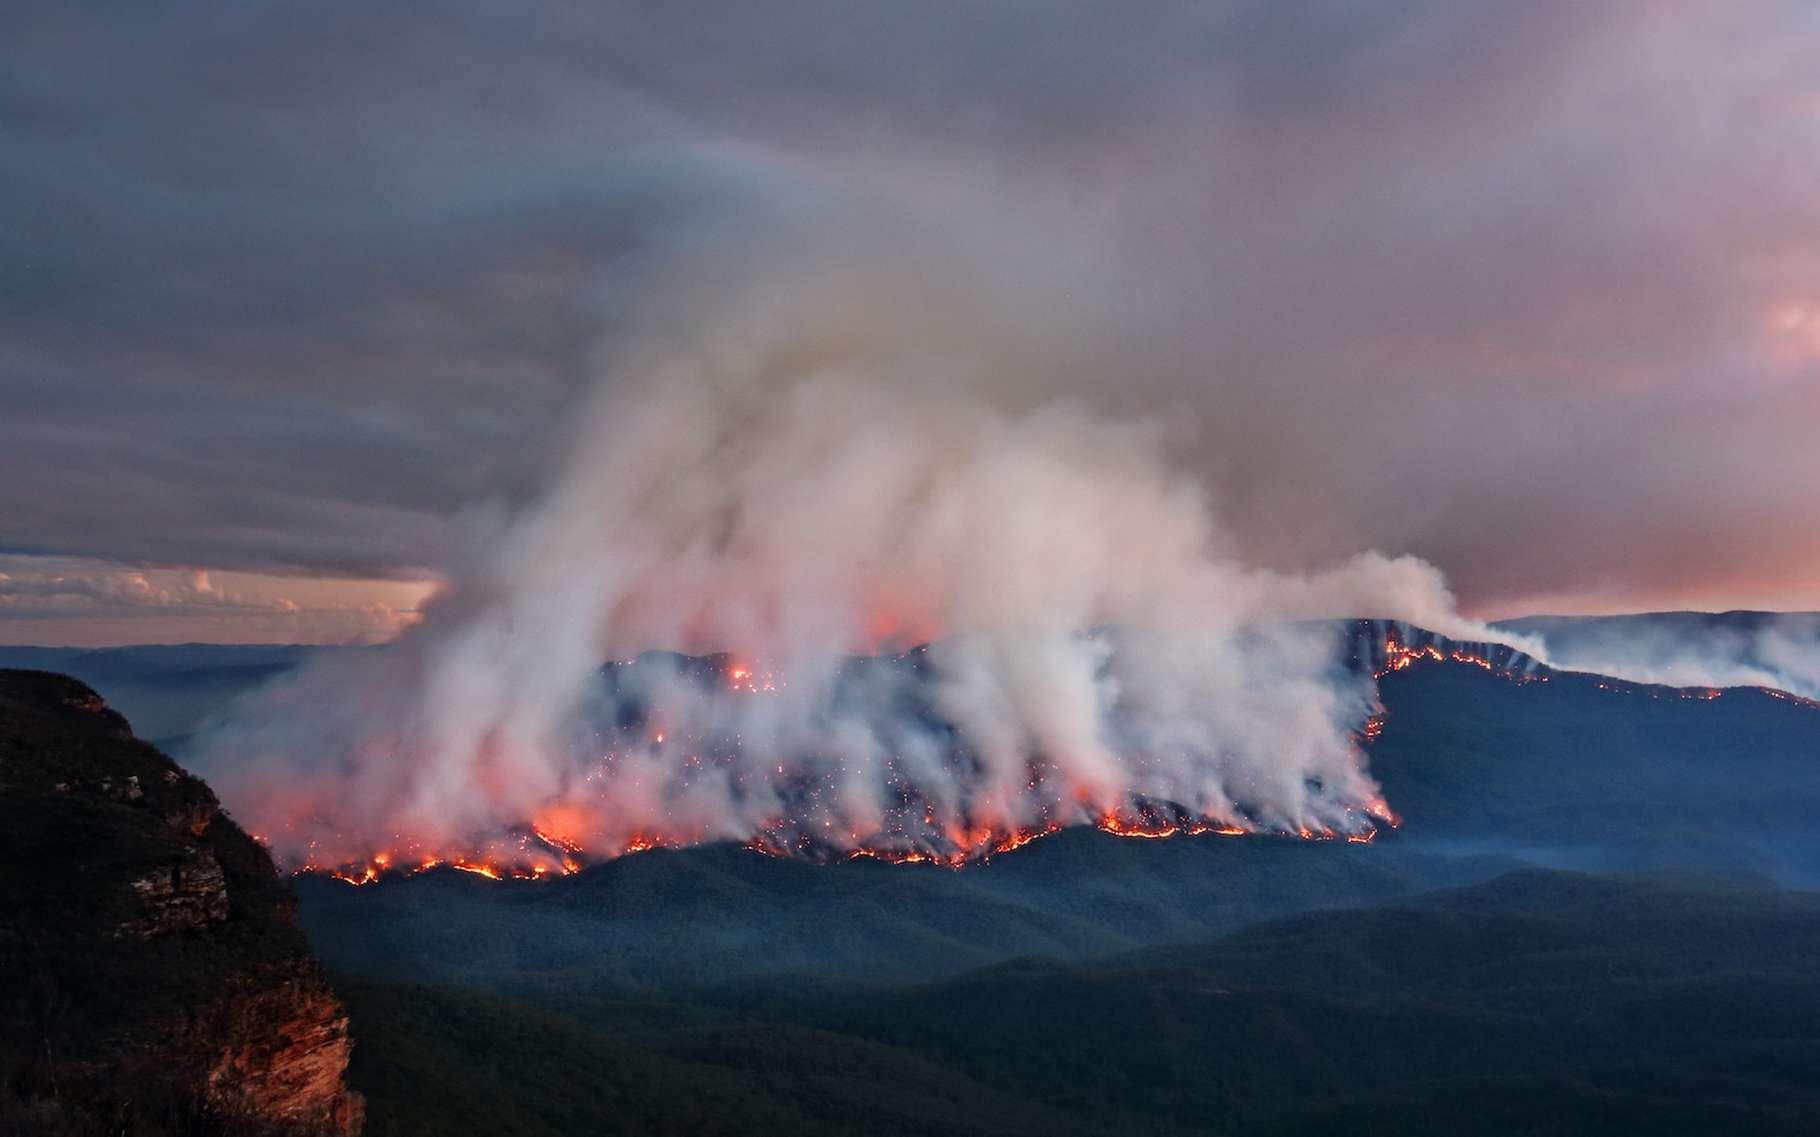 Incendies en Australie : quelles conséquences sur la santé et les écosystèmes des mégafeux ?